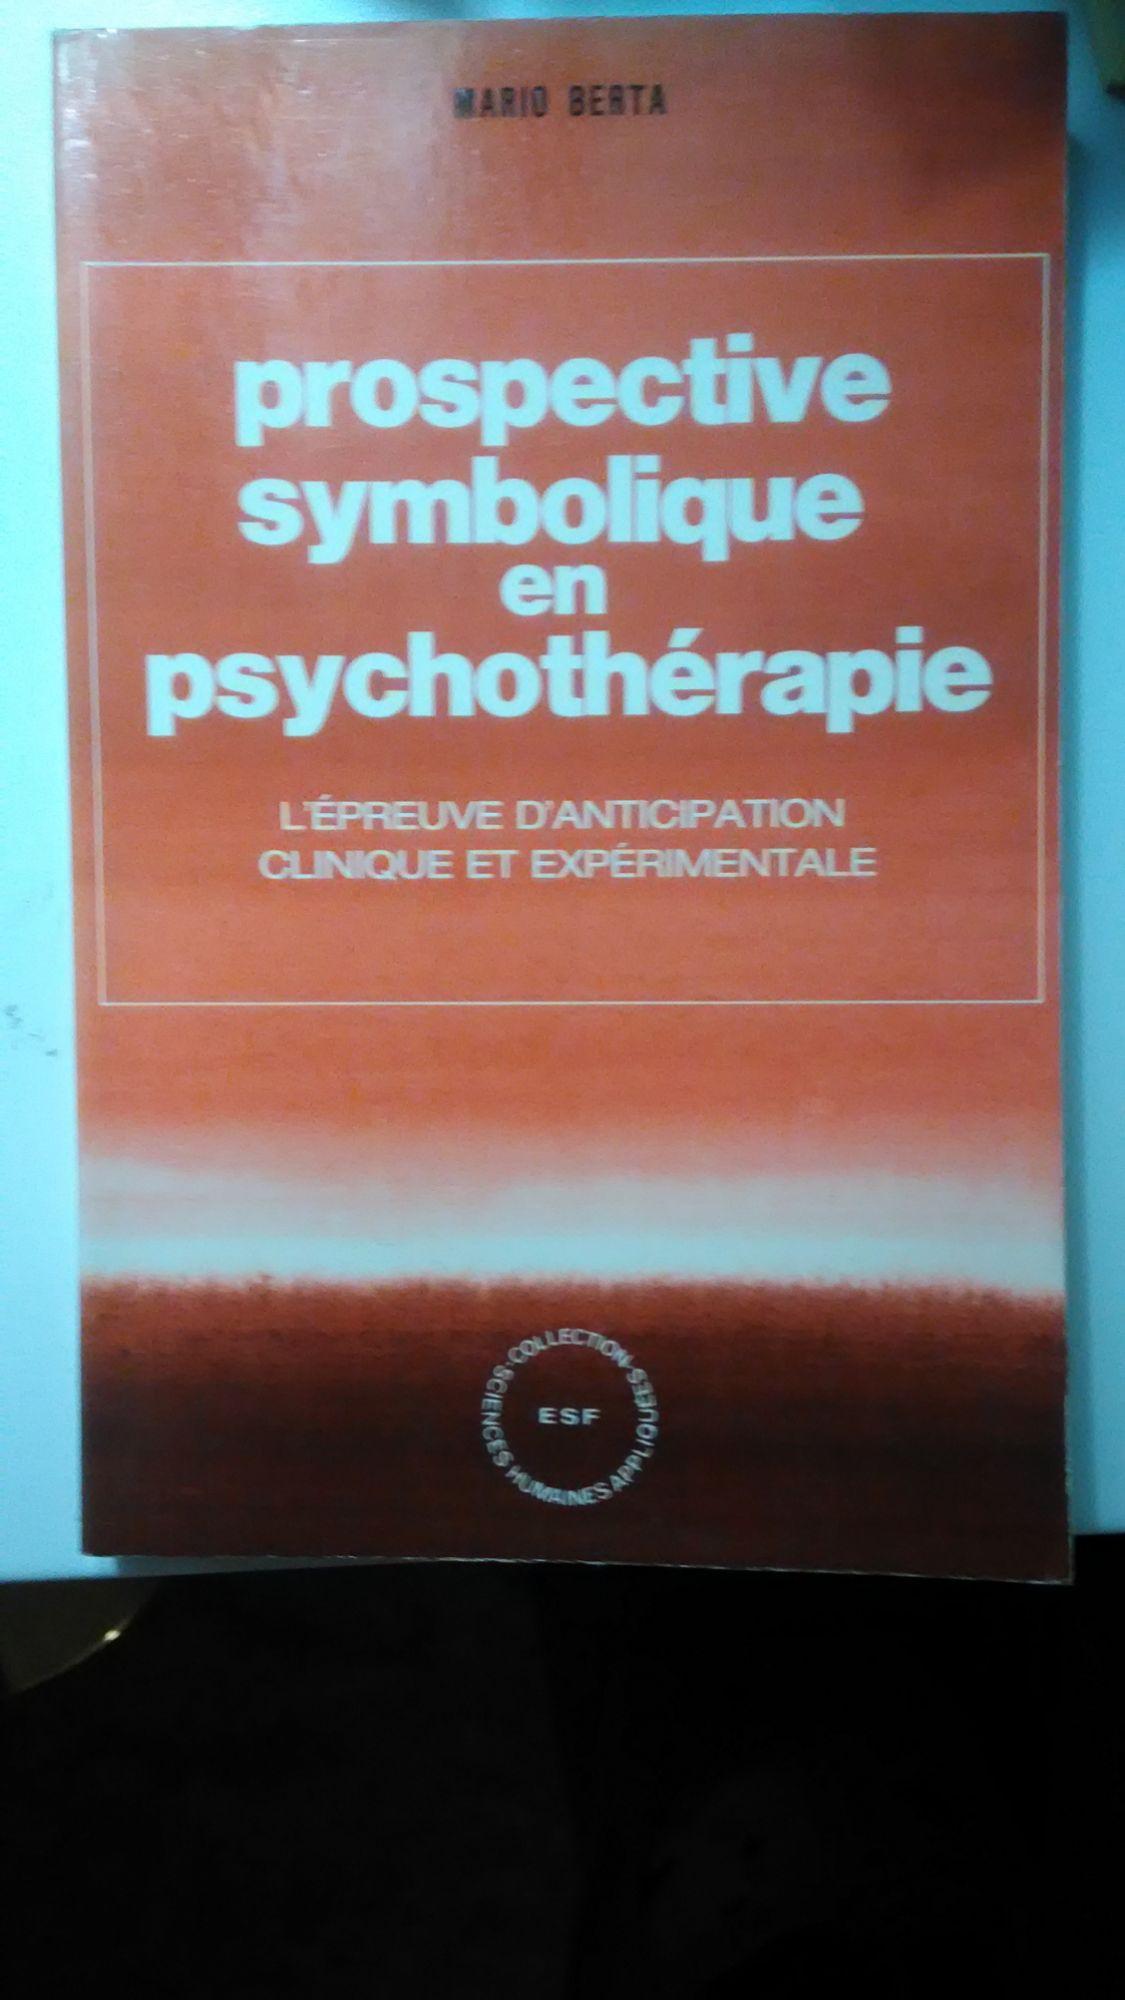 Prospective symbolique en psychothérapie